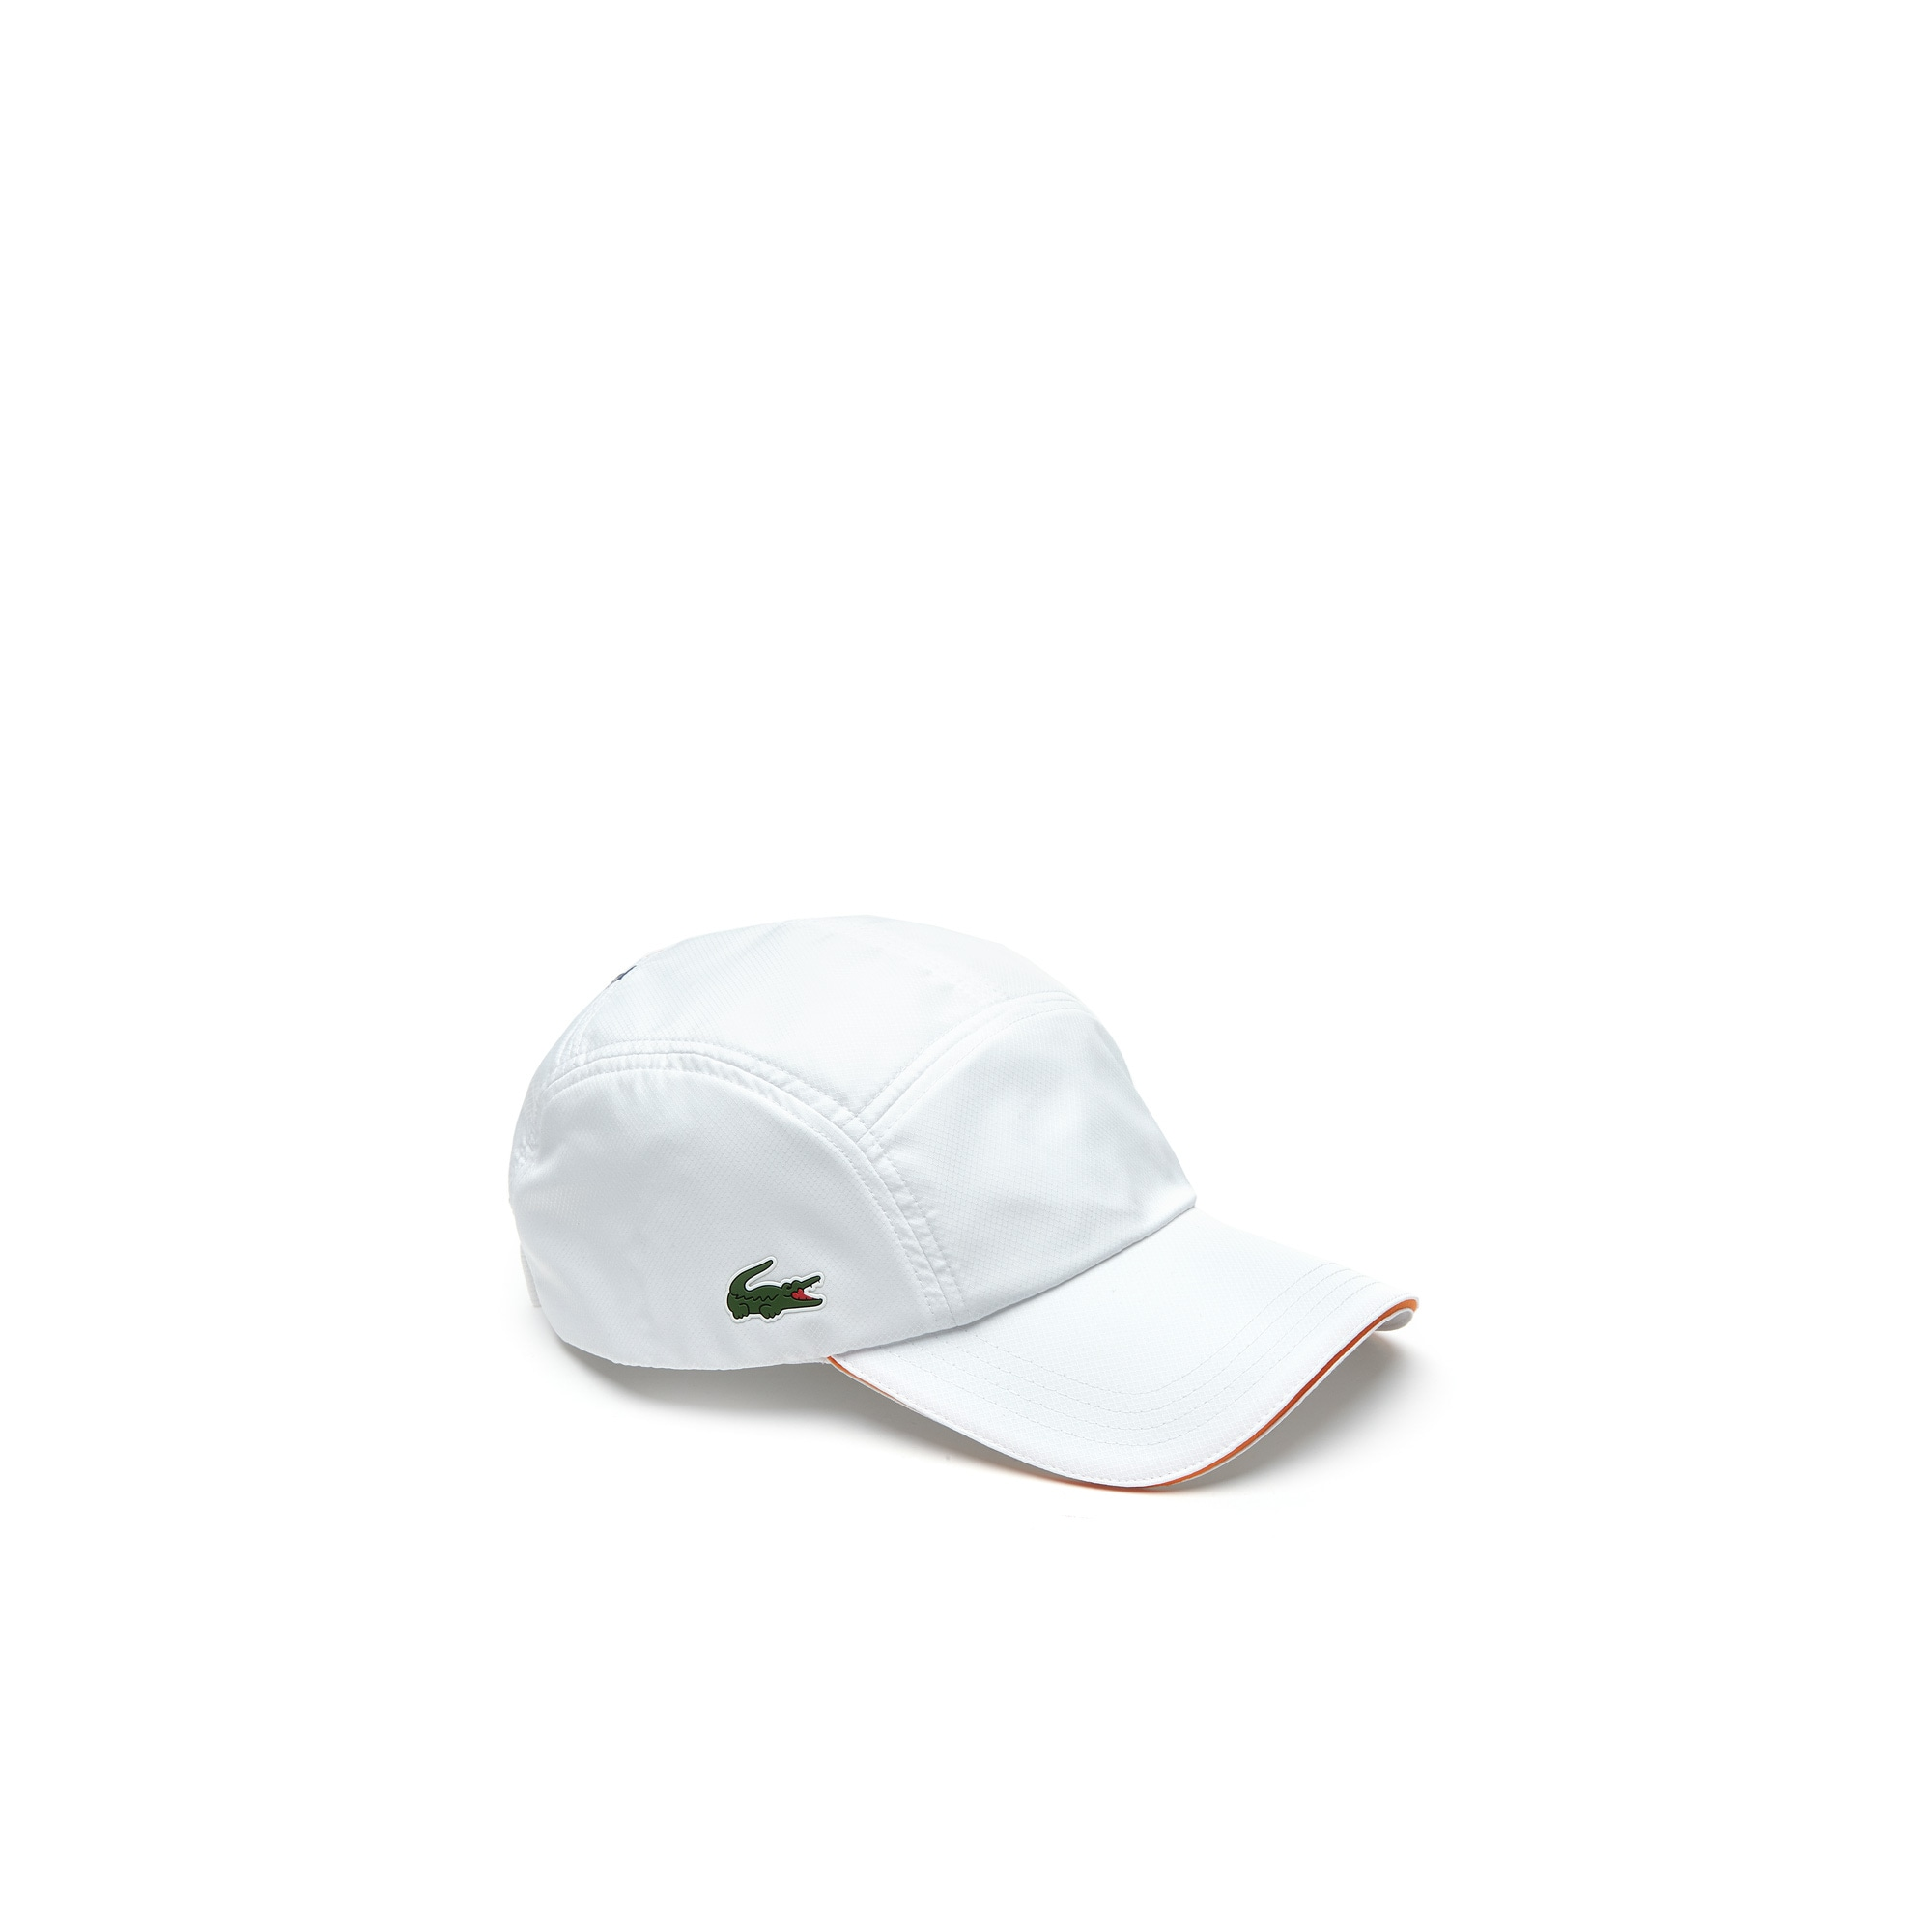 Berretto con visiera Tennis Lacoste SPORT in taffetà con bordino